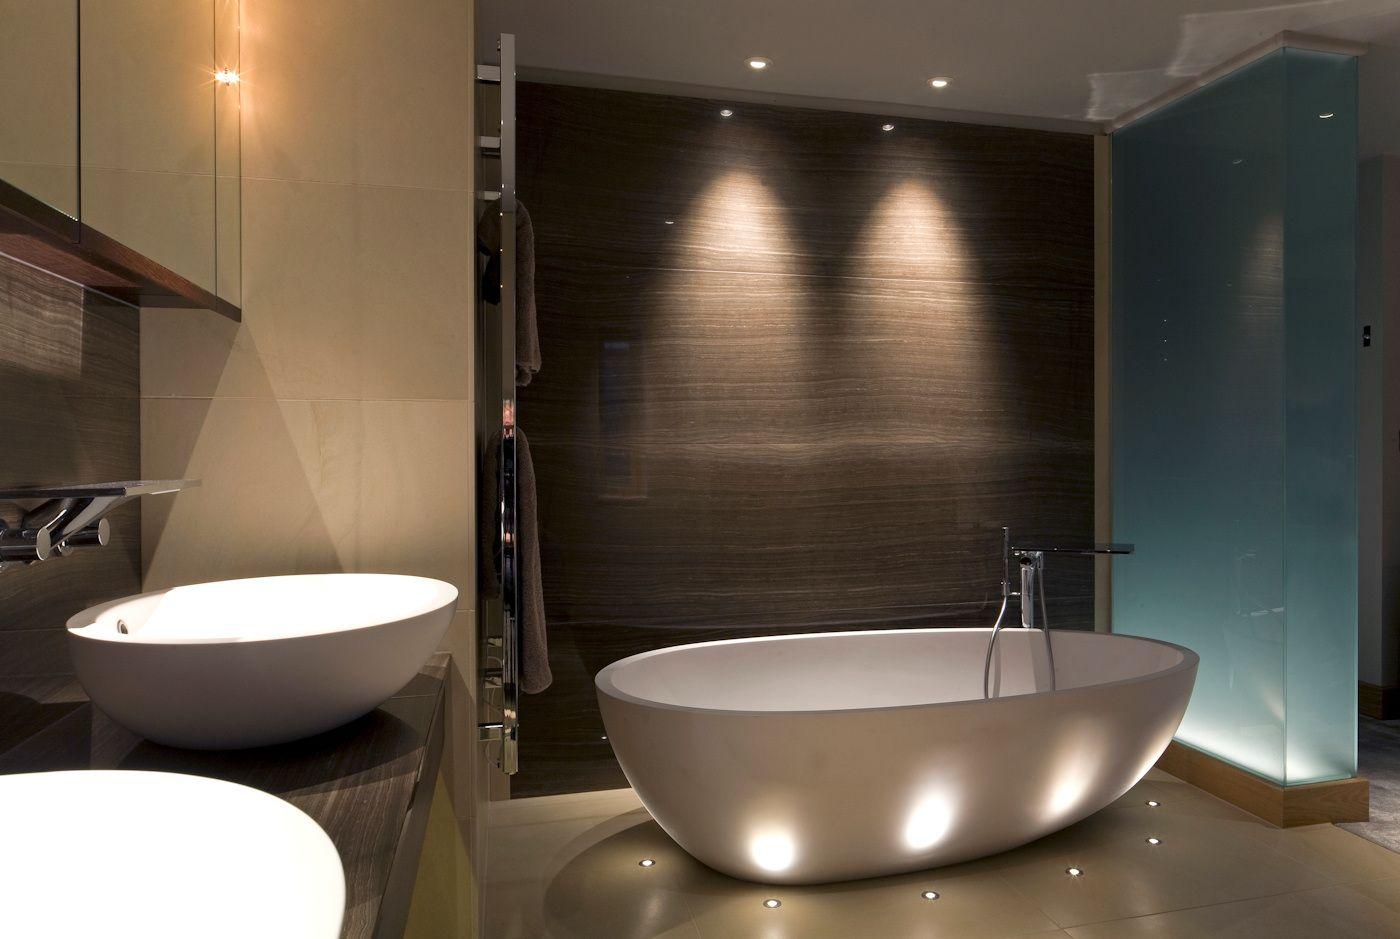 unique bathroom lighting fixture. bedroom recessed lighting layout design ideas 20172018 pinterest bedrooms and lights unique bathroom fixture